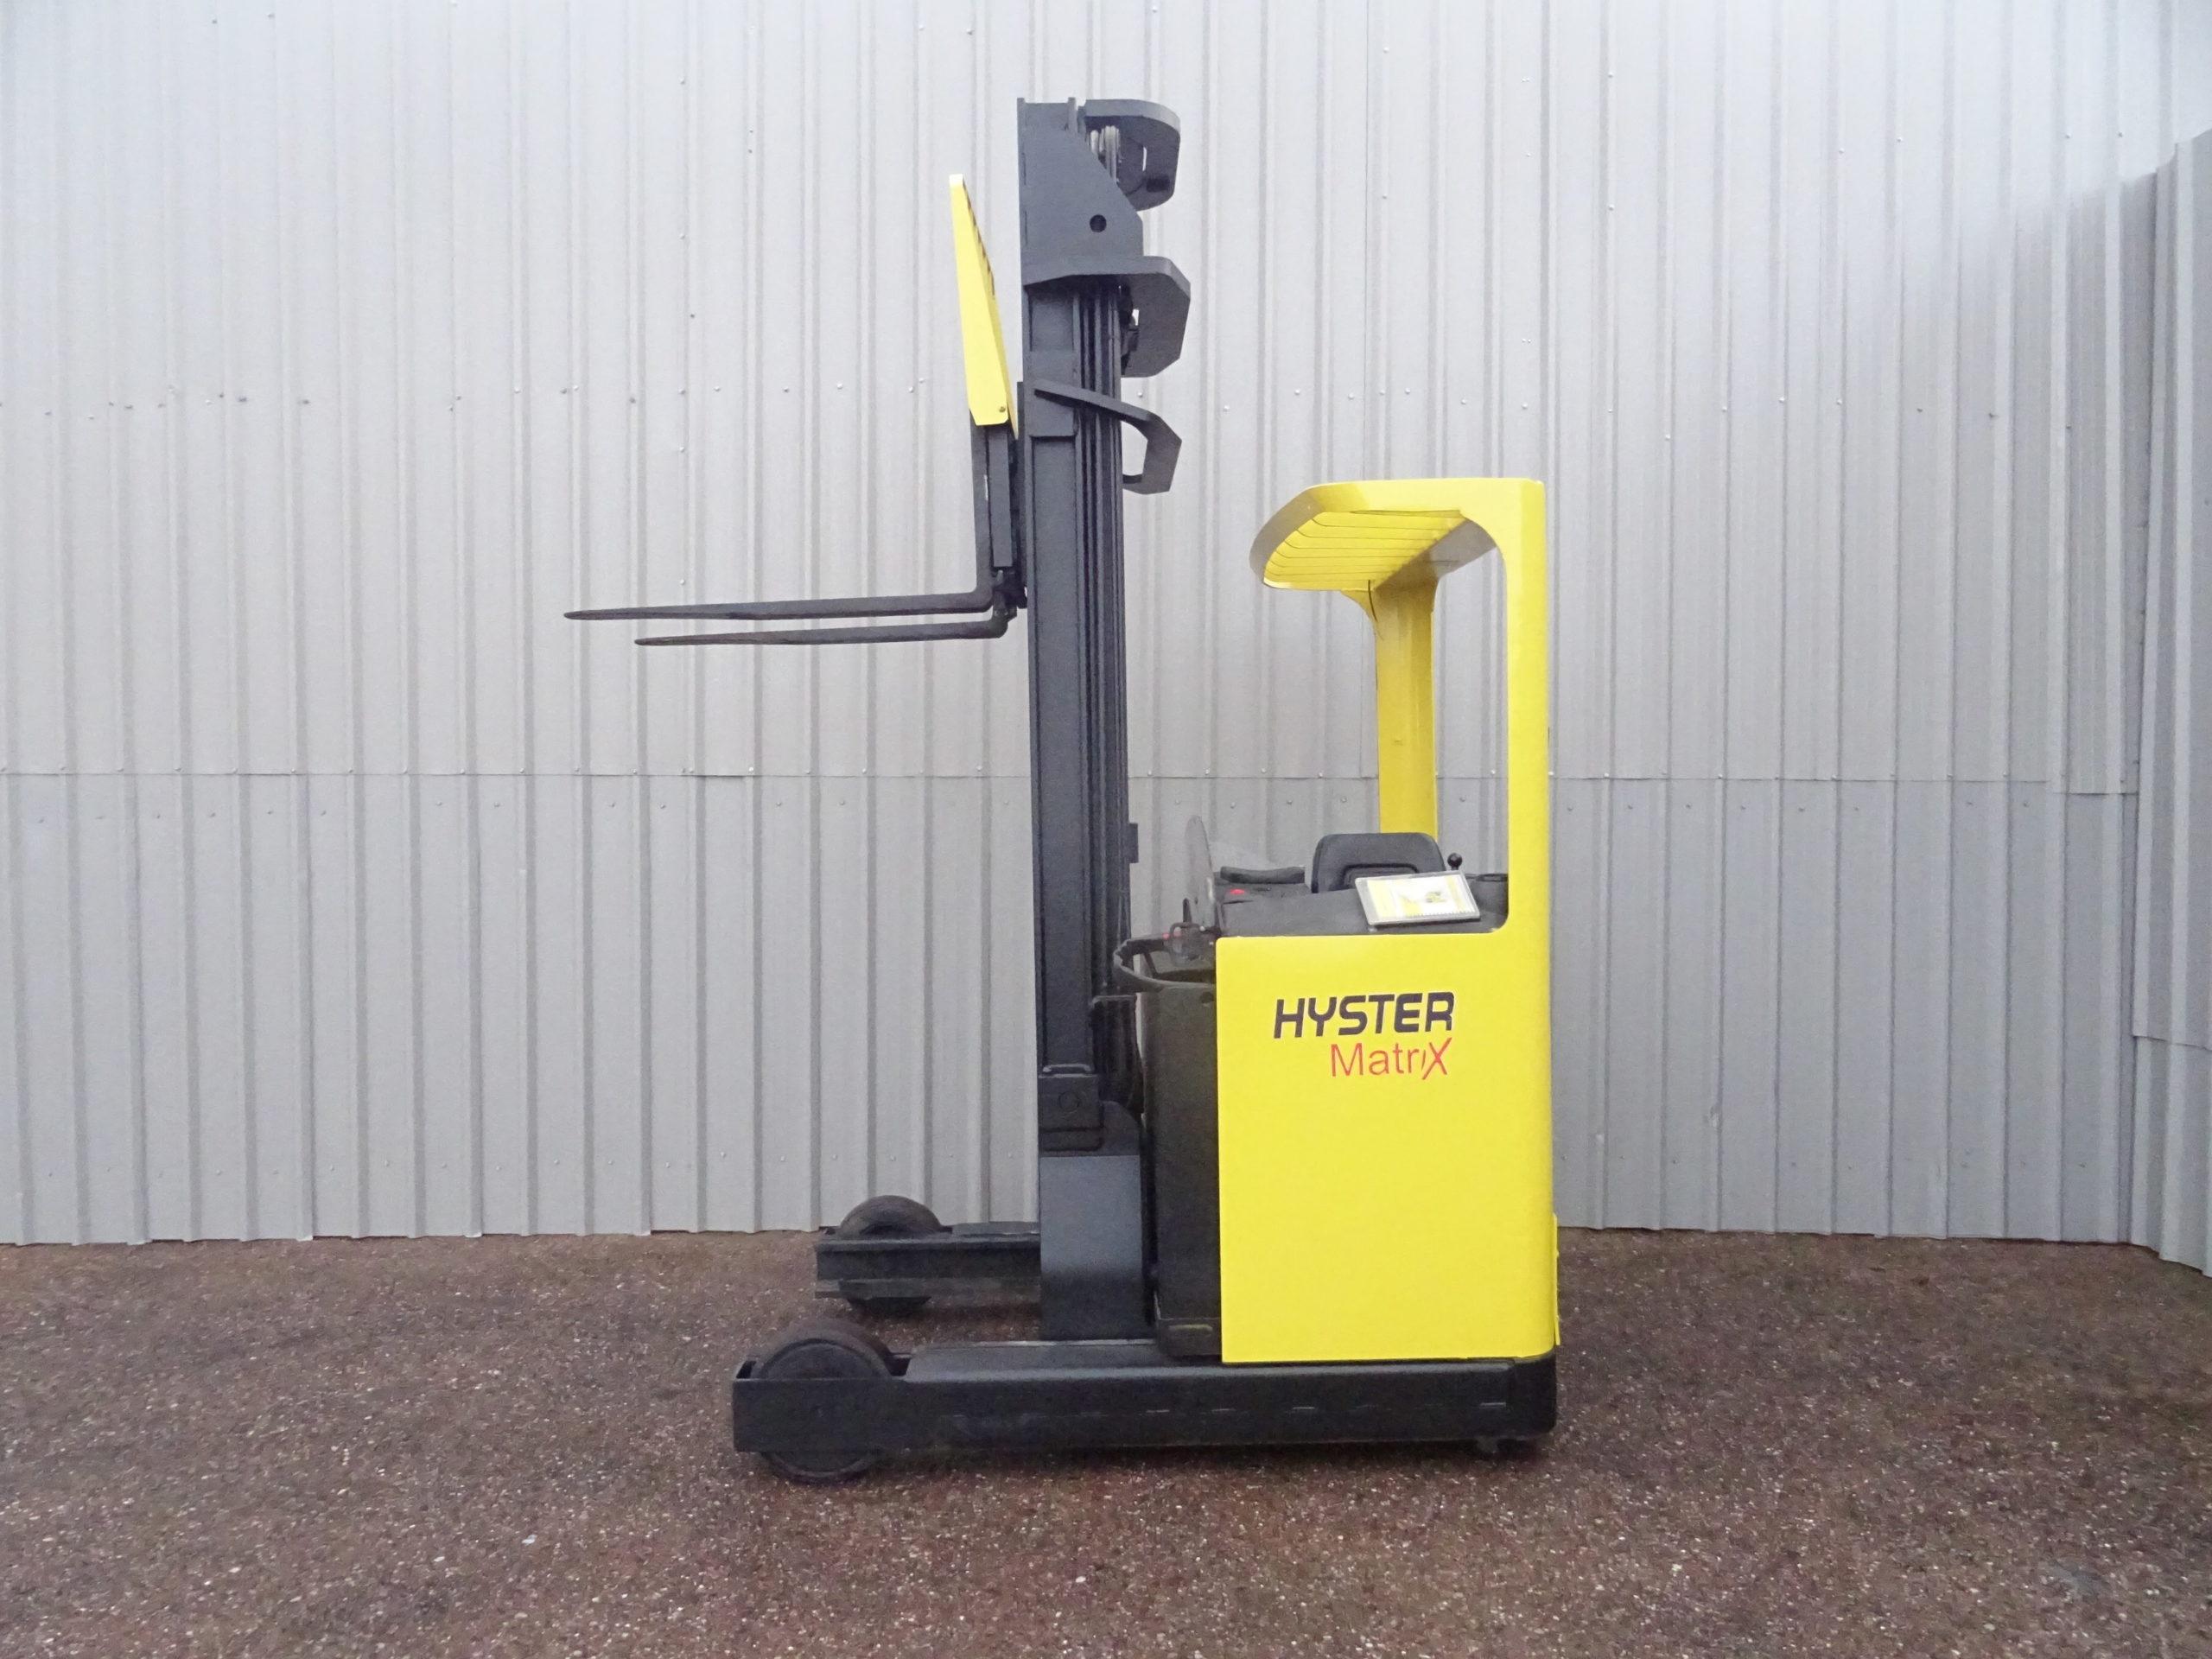 hyster_r1.6h_serial_c435t05367e_2466_1_.jpg